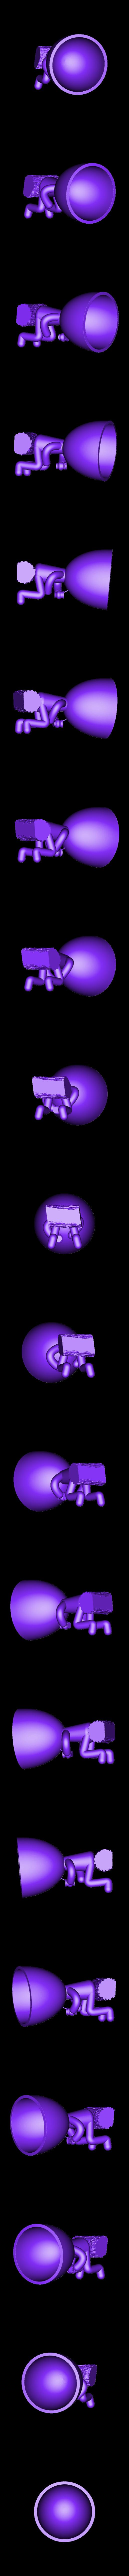 rober plant con mate.stl Télécharger fichier STL gratuit Vase pot de fleurs Argentine Uruguayen Mate Robert Plant - Vase pot de fleurs Argentine Uruguayen Mate Robert • Modèle imprimable en 3D, CREATIONSISHI